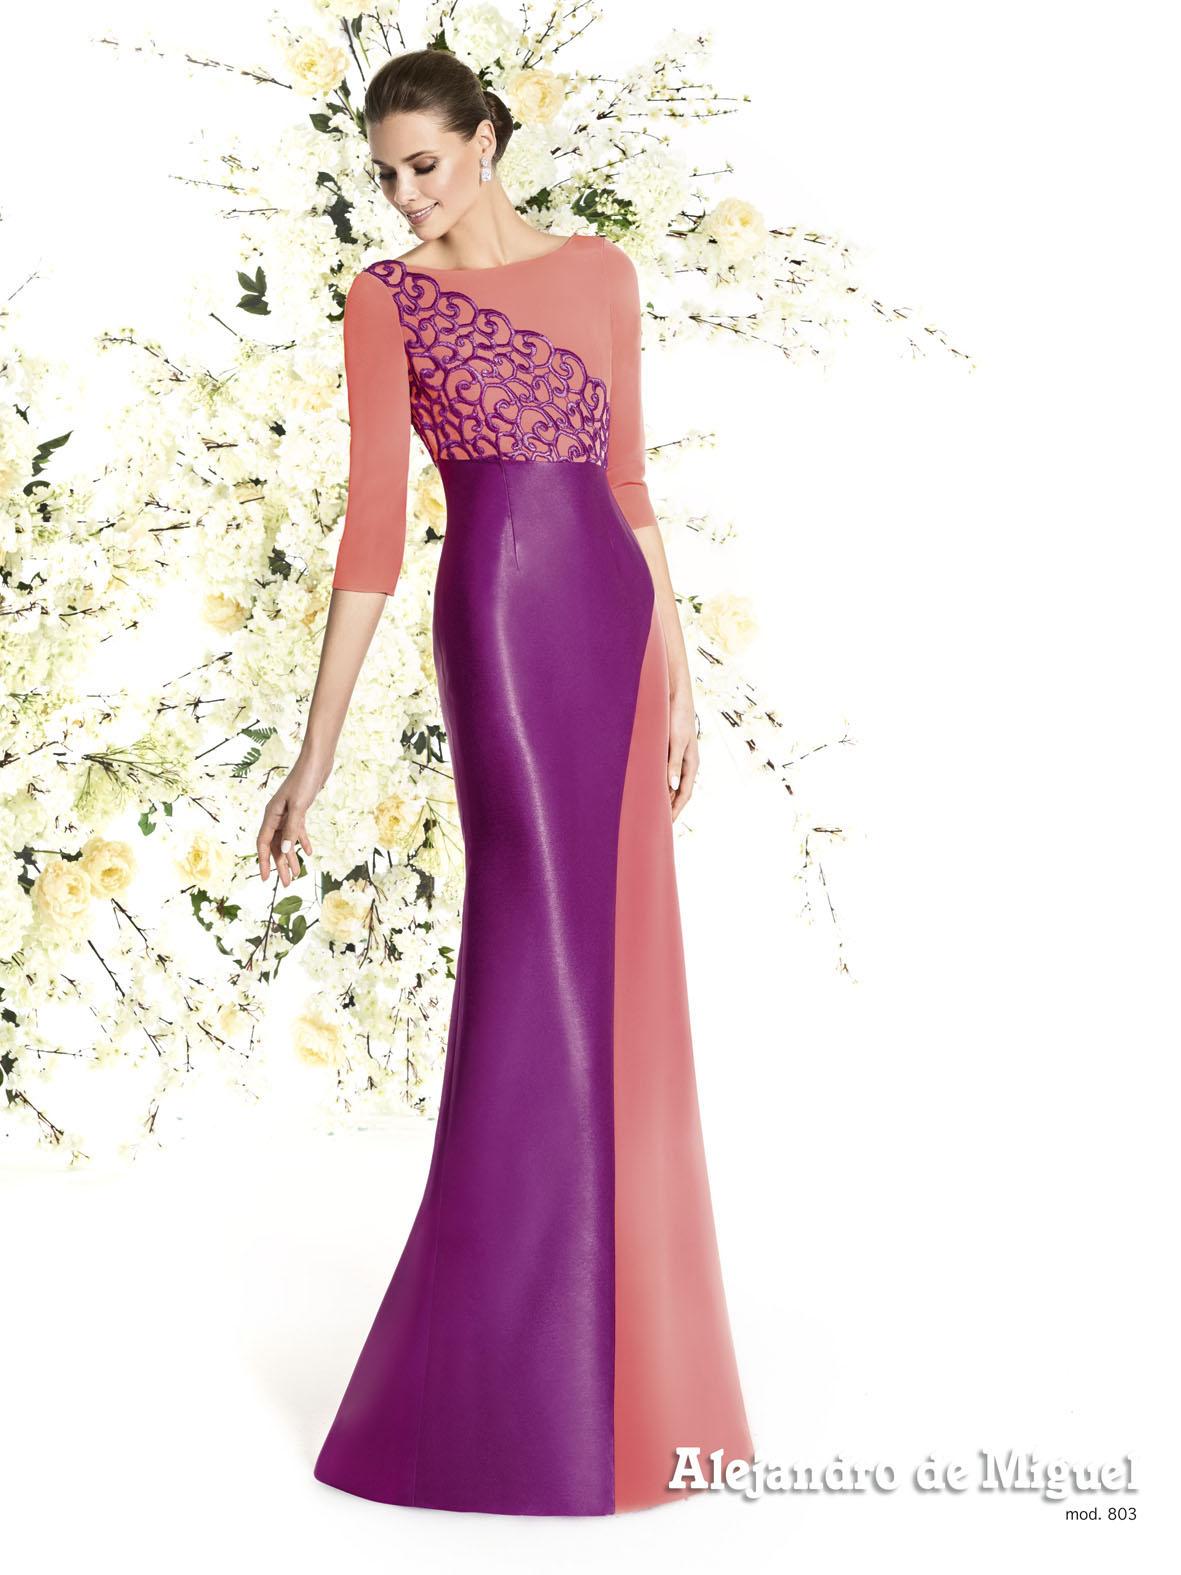 Encantador Vestido De Fiesta Vanessa Hudgens Foto - Ideas de Vestido ...